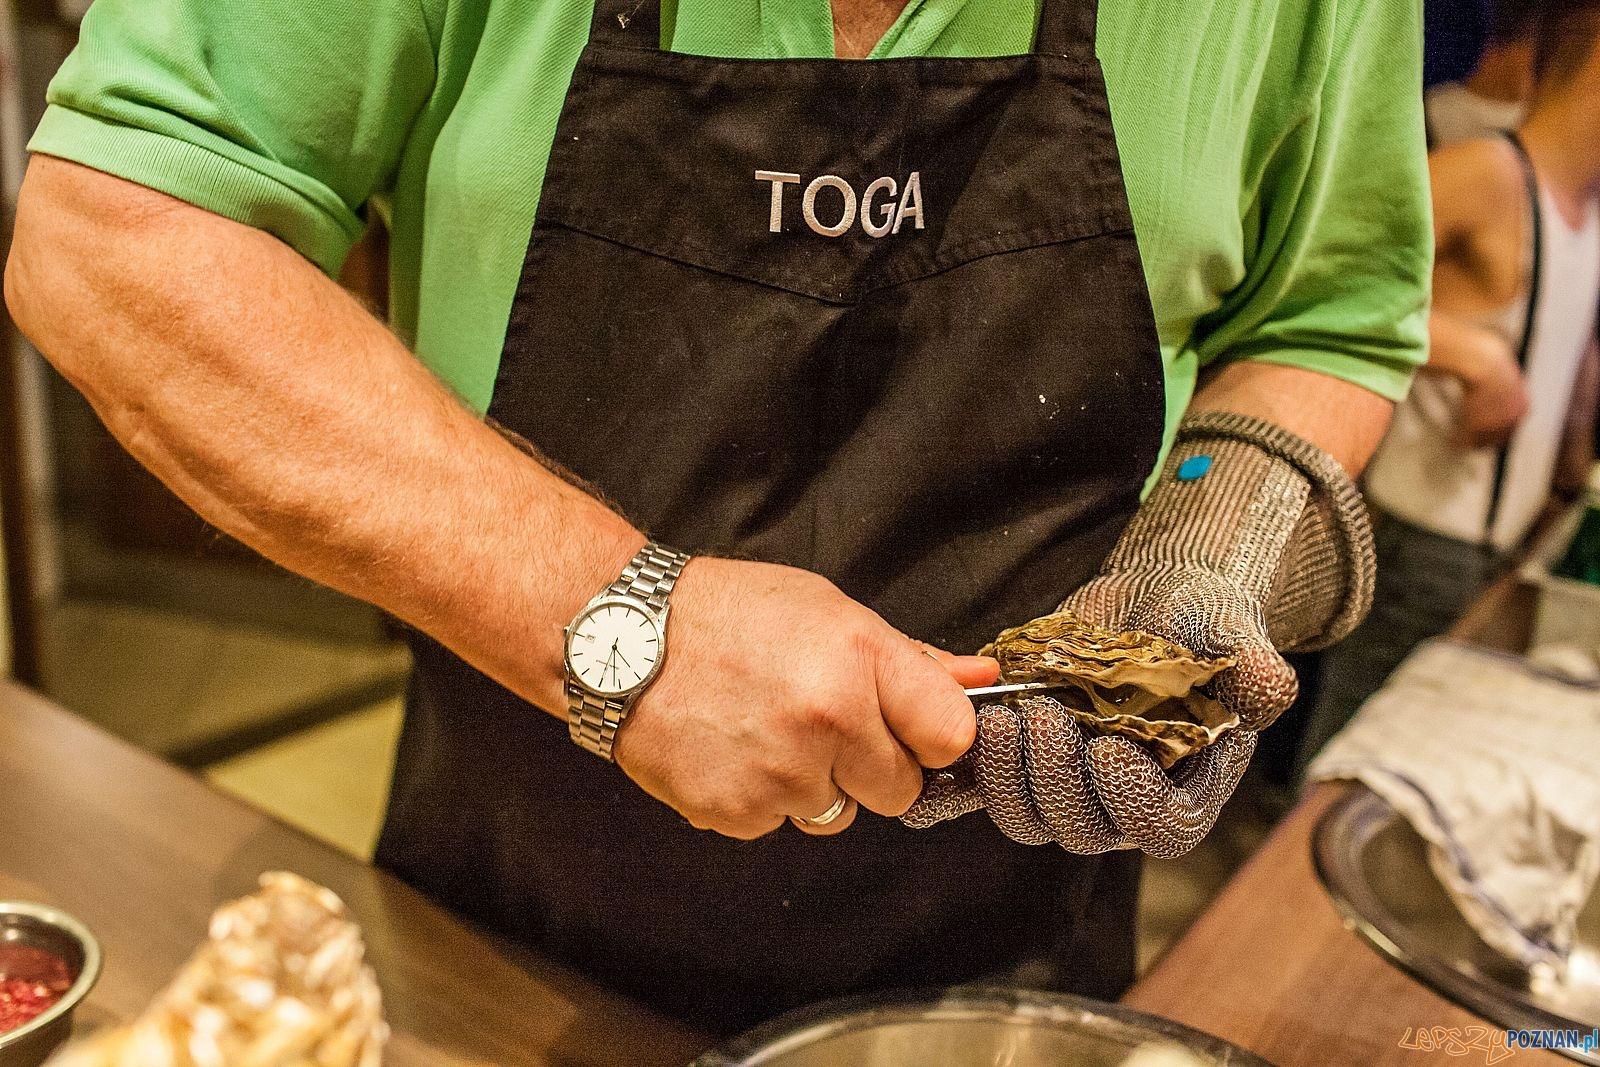 Ostrygi - Restauracja Toga zaprasza na święto kuchni francuskiej  Foto: J. Redondo Bueno / exPress